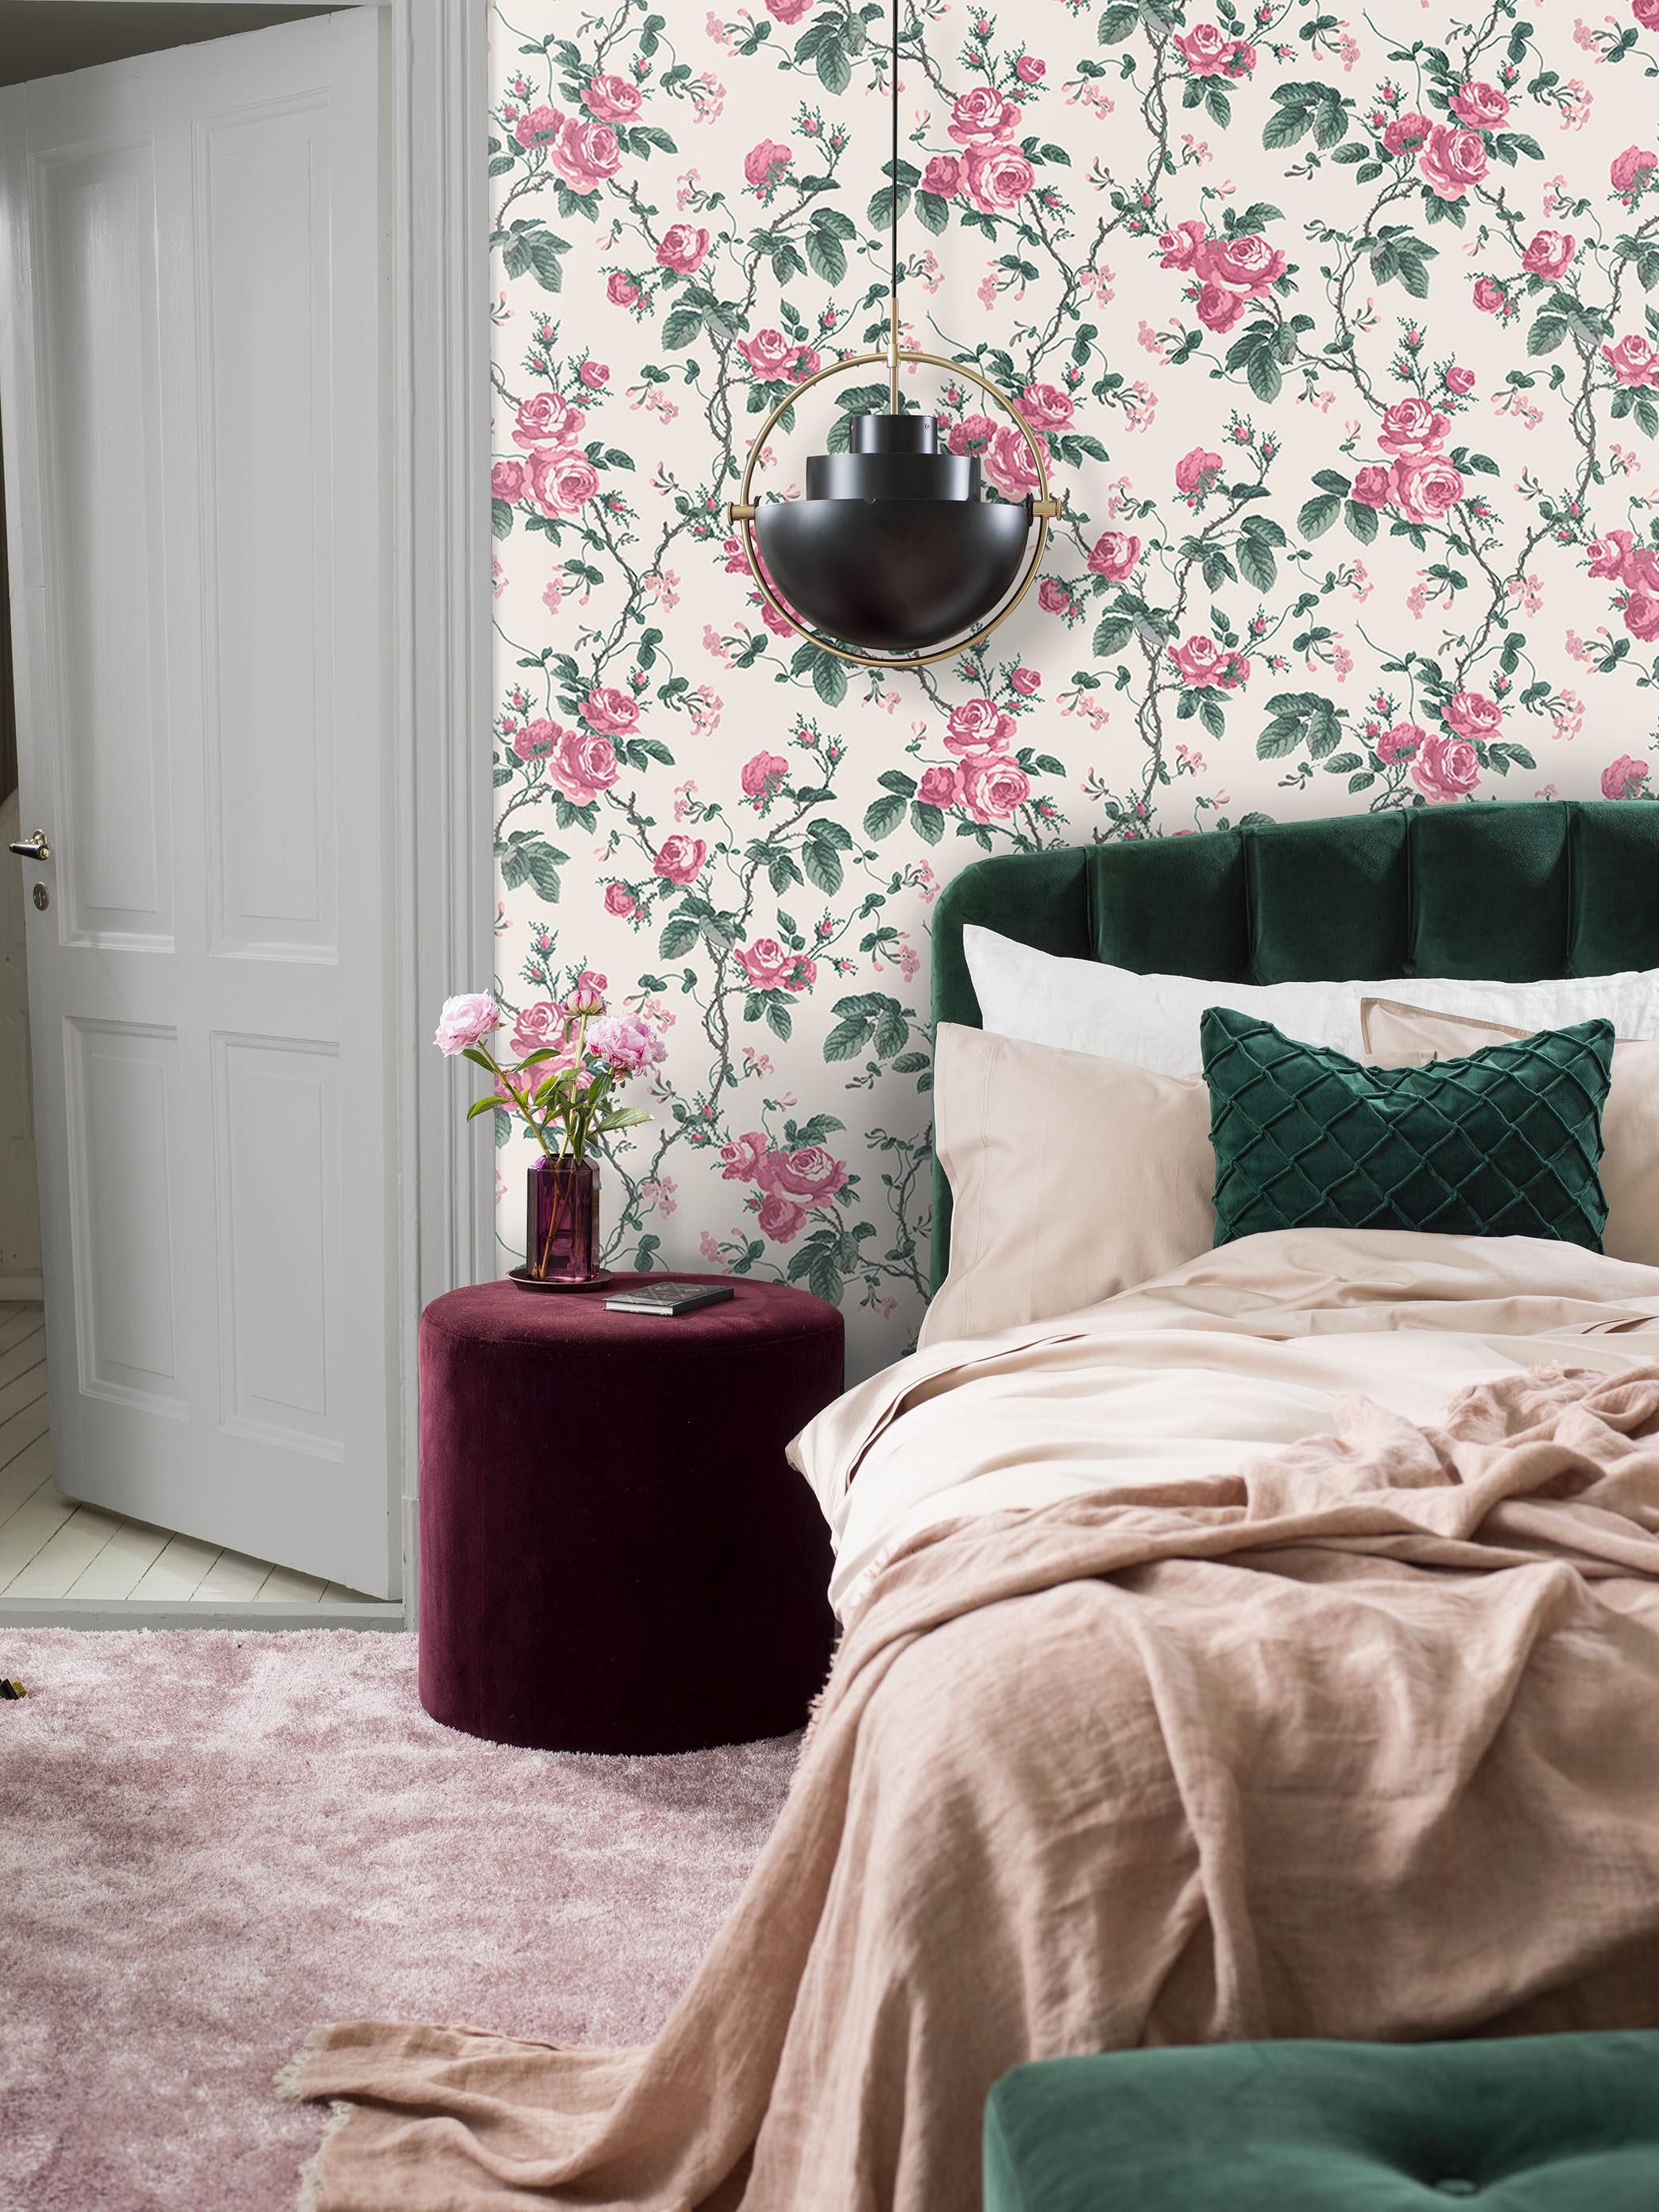 Les papiers peints, les tapis et les coussins - on retrouve les motifs floraux partout